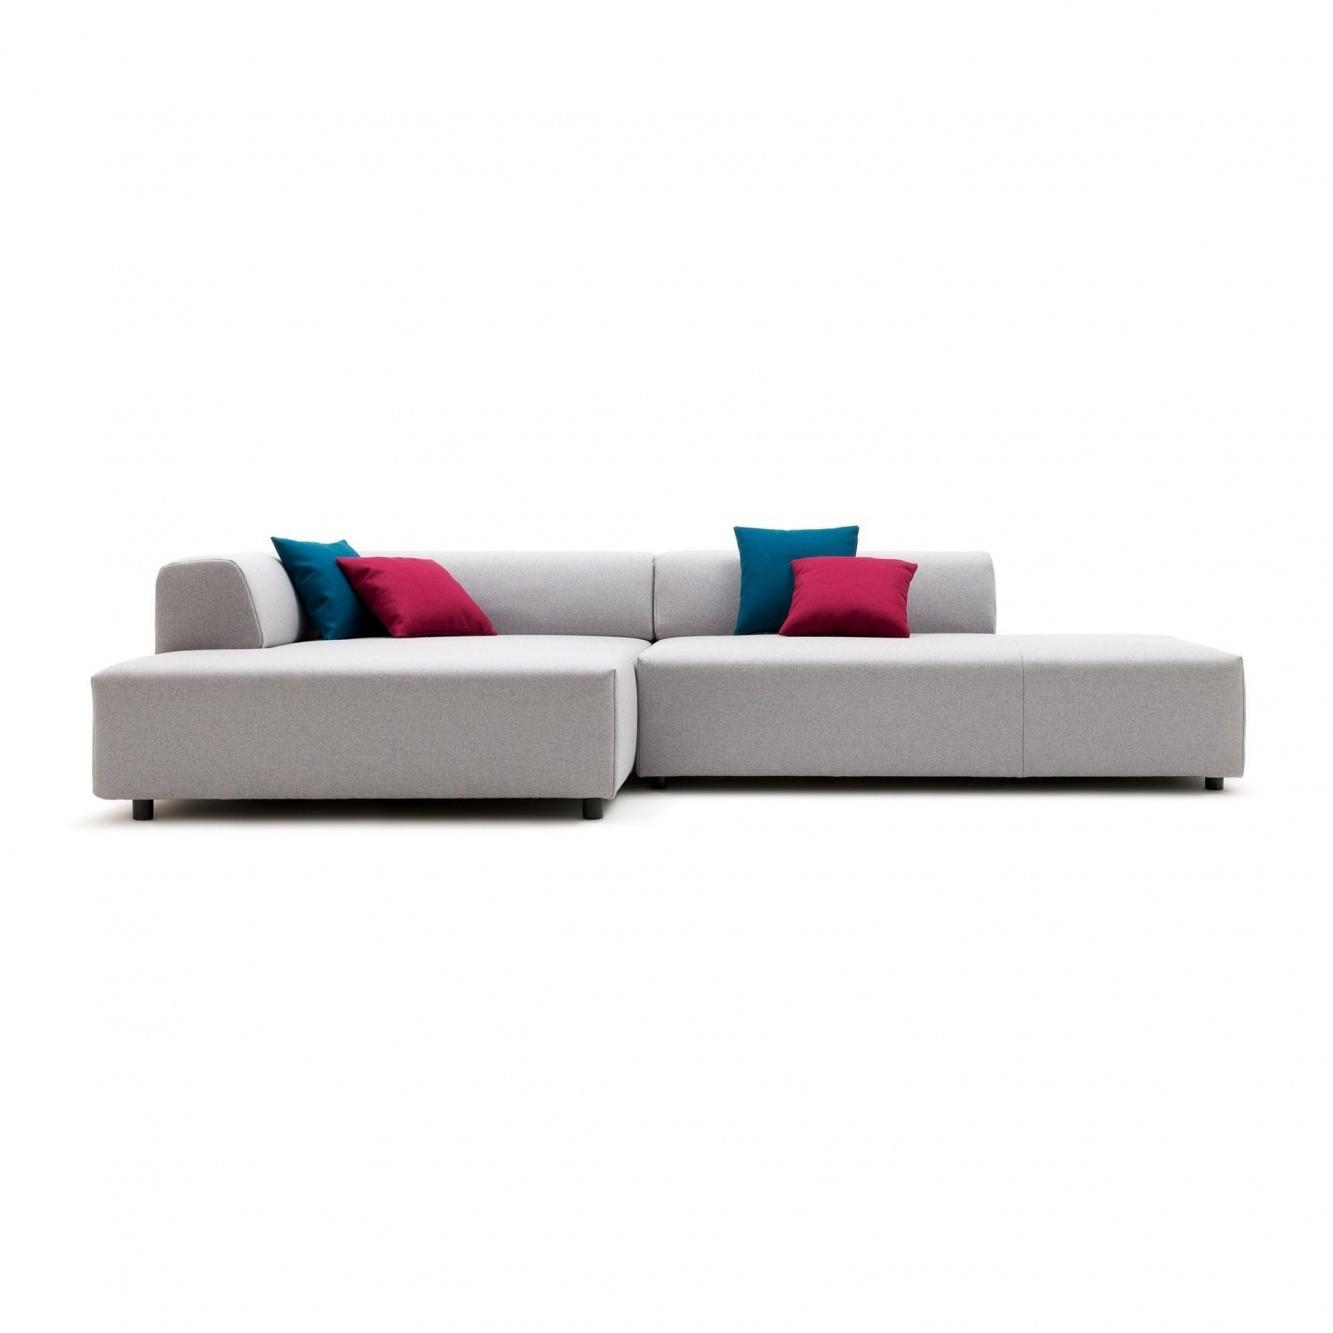 Full Size of Freistil Rolf Benz 184 Lounge Sofa Ambientedirect Bett Ausstellungsstück Küche Wohnzimmer Freistil Ausstellungsstück